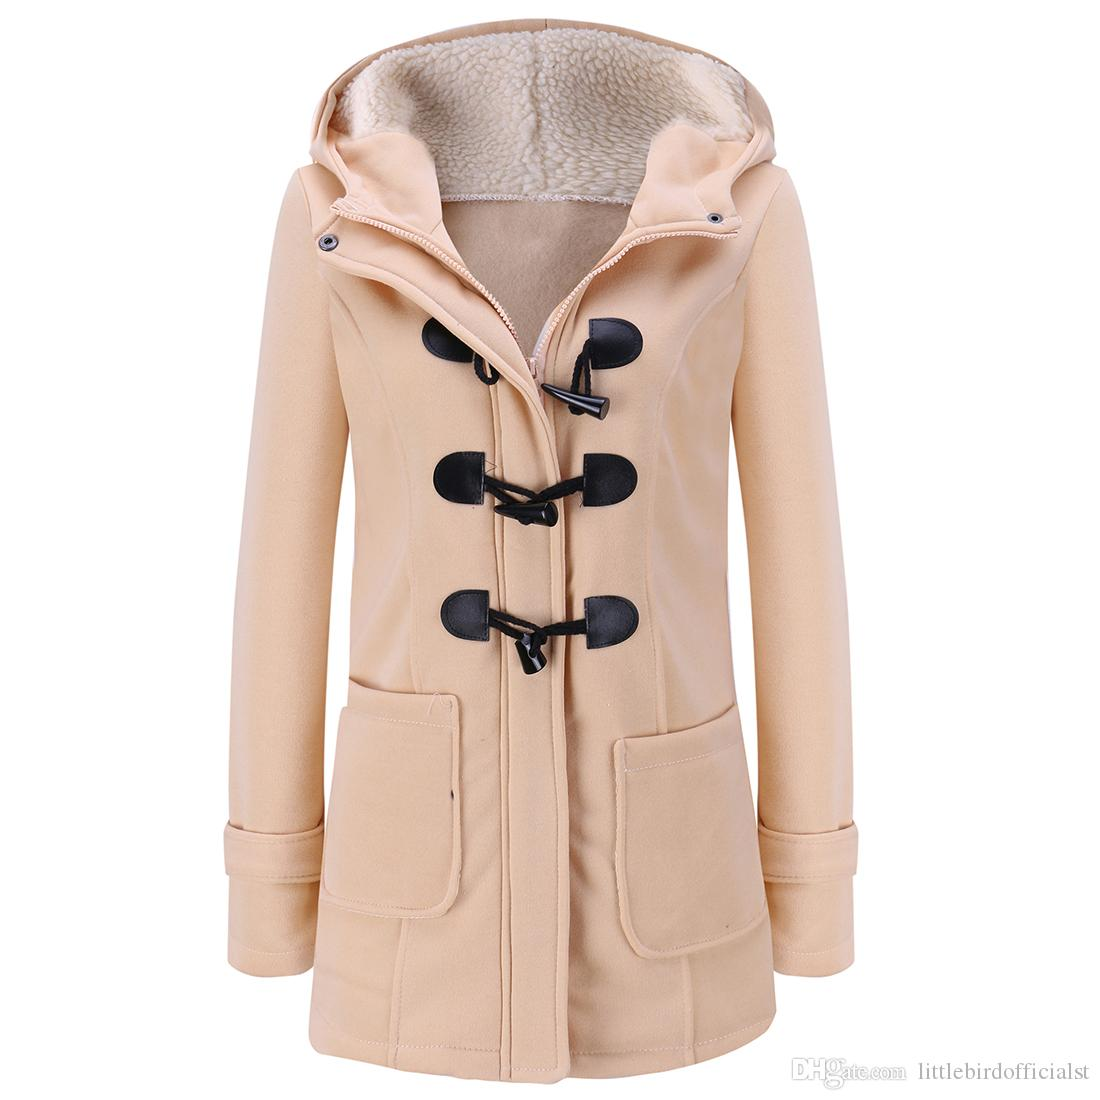 Primavera das mulheres Outono Trench Coat Longo Casaco Feminino Casaco Com Capuz Zipper Botão Buzina Outwear